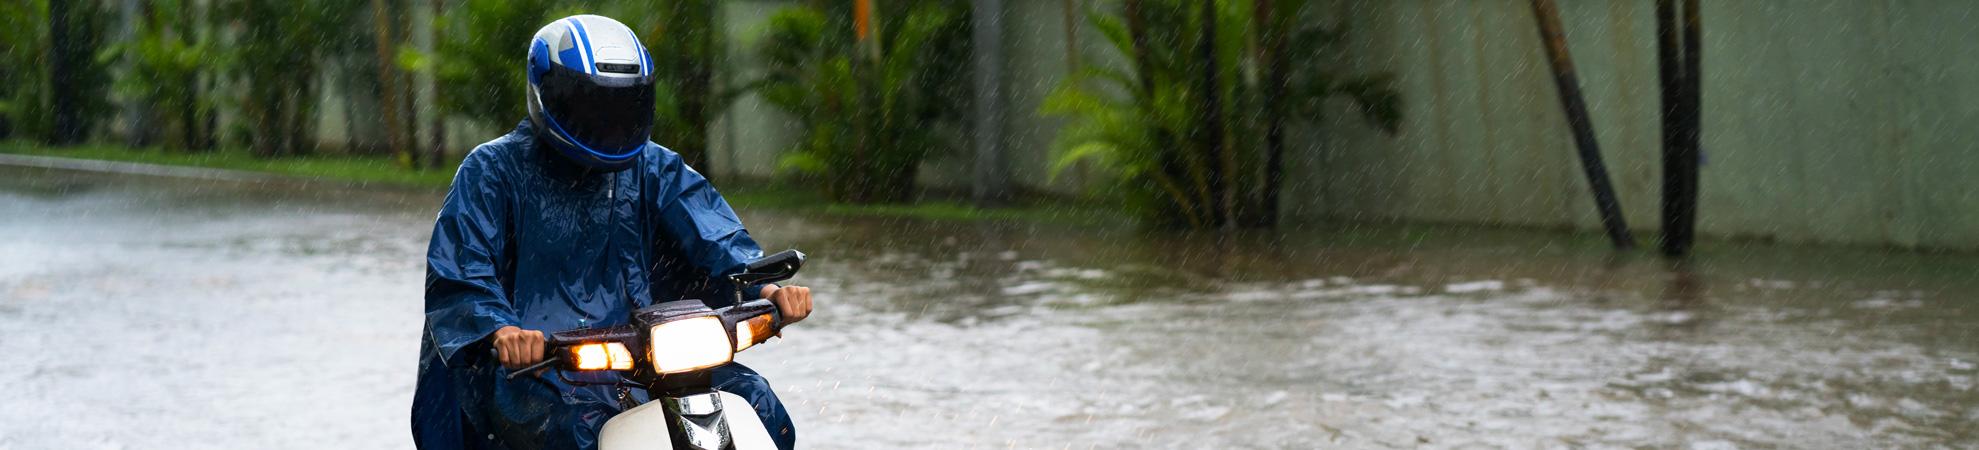 Quels sont les dangers à éviter lors d'un circuit au Vietnam ?